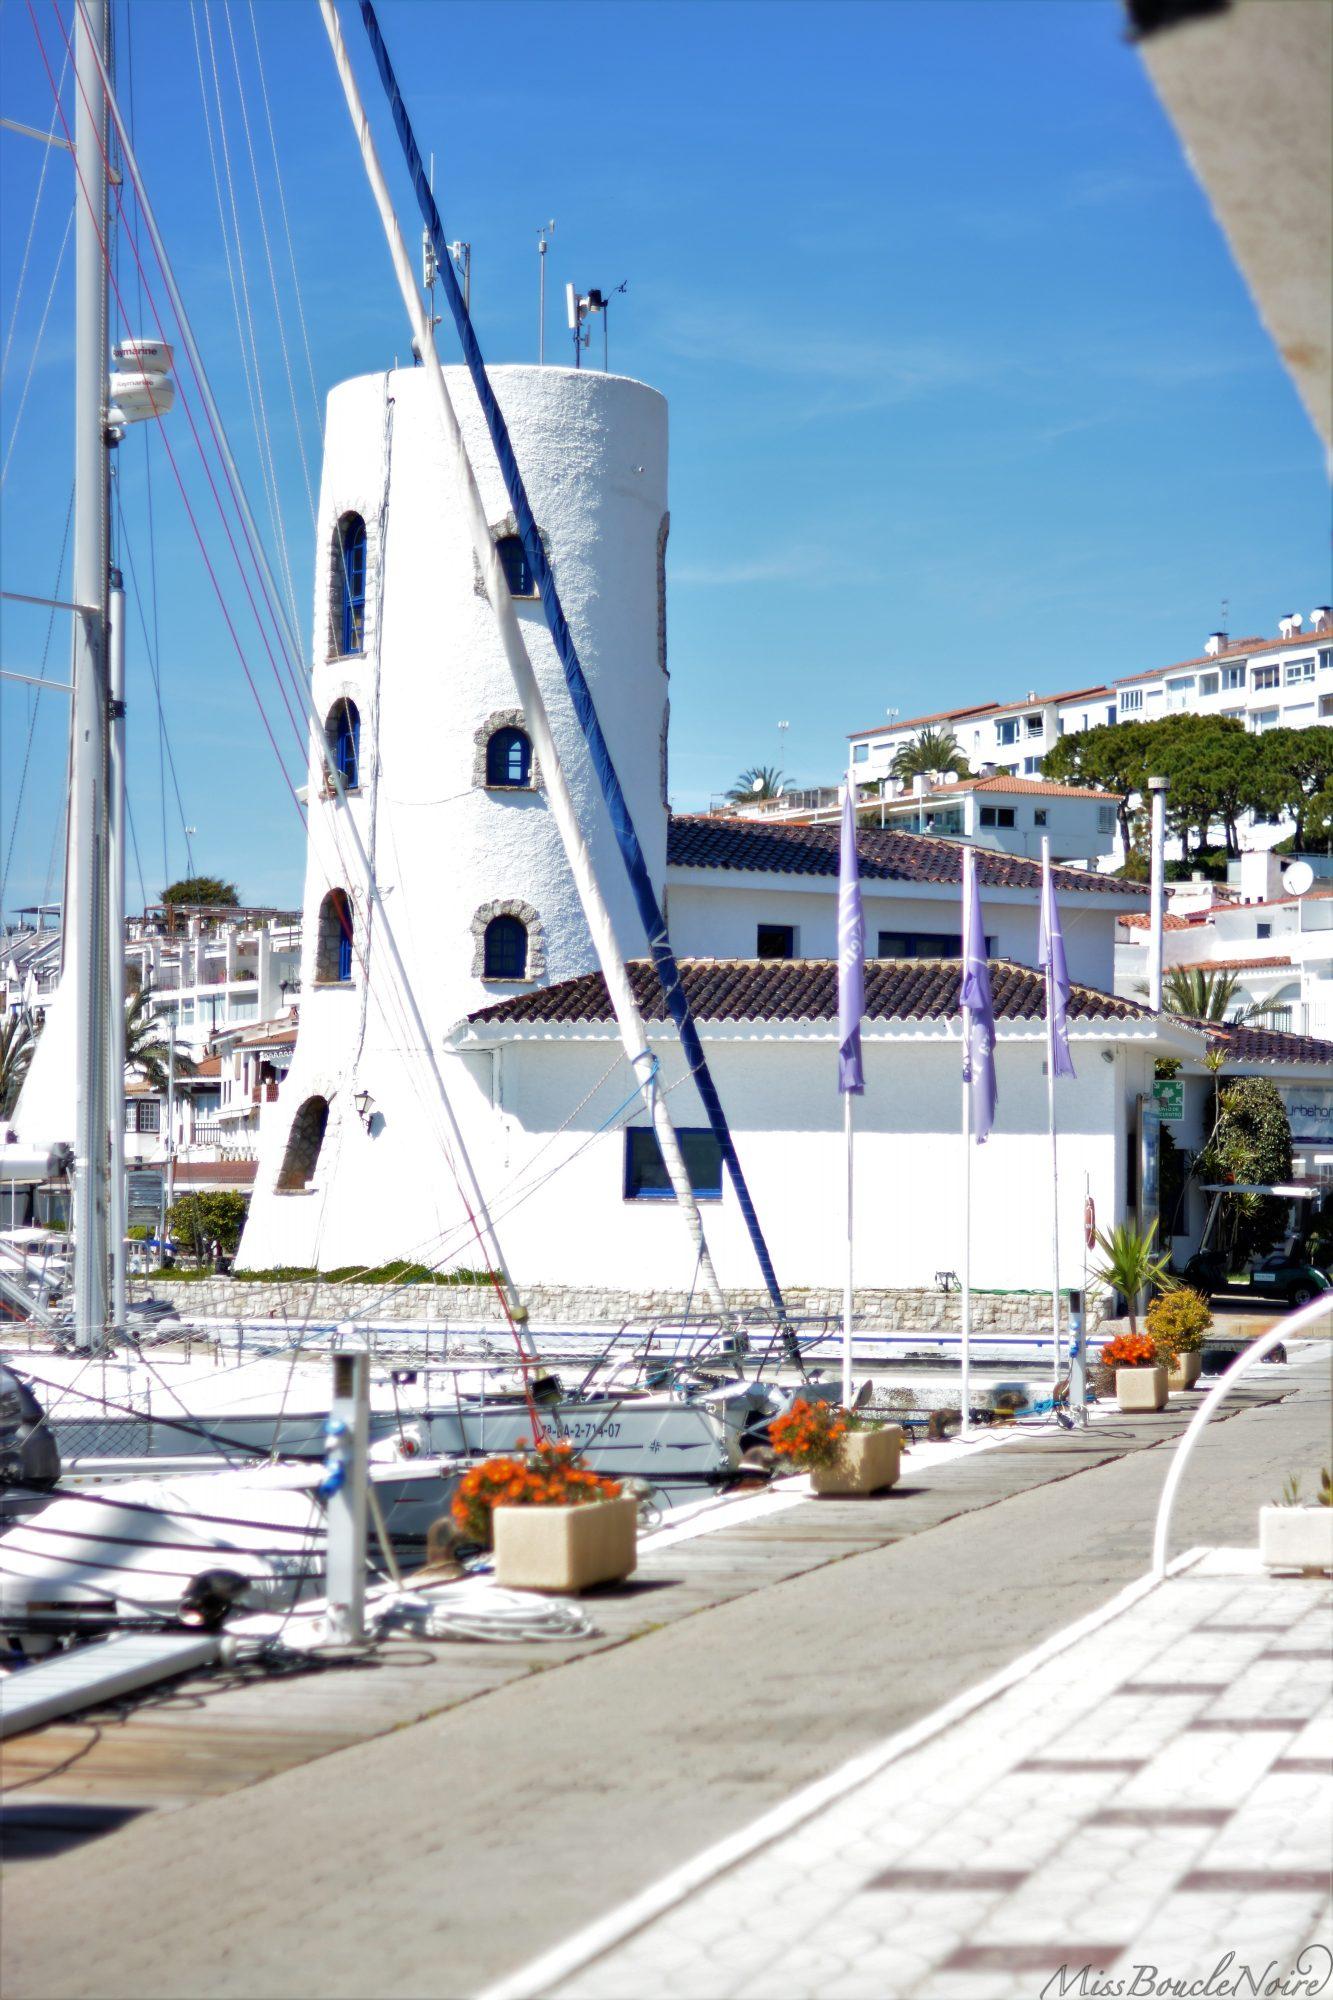 El sol y el mar en el puerto de sitges el blog de miss for Zaful barcelona